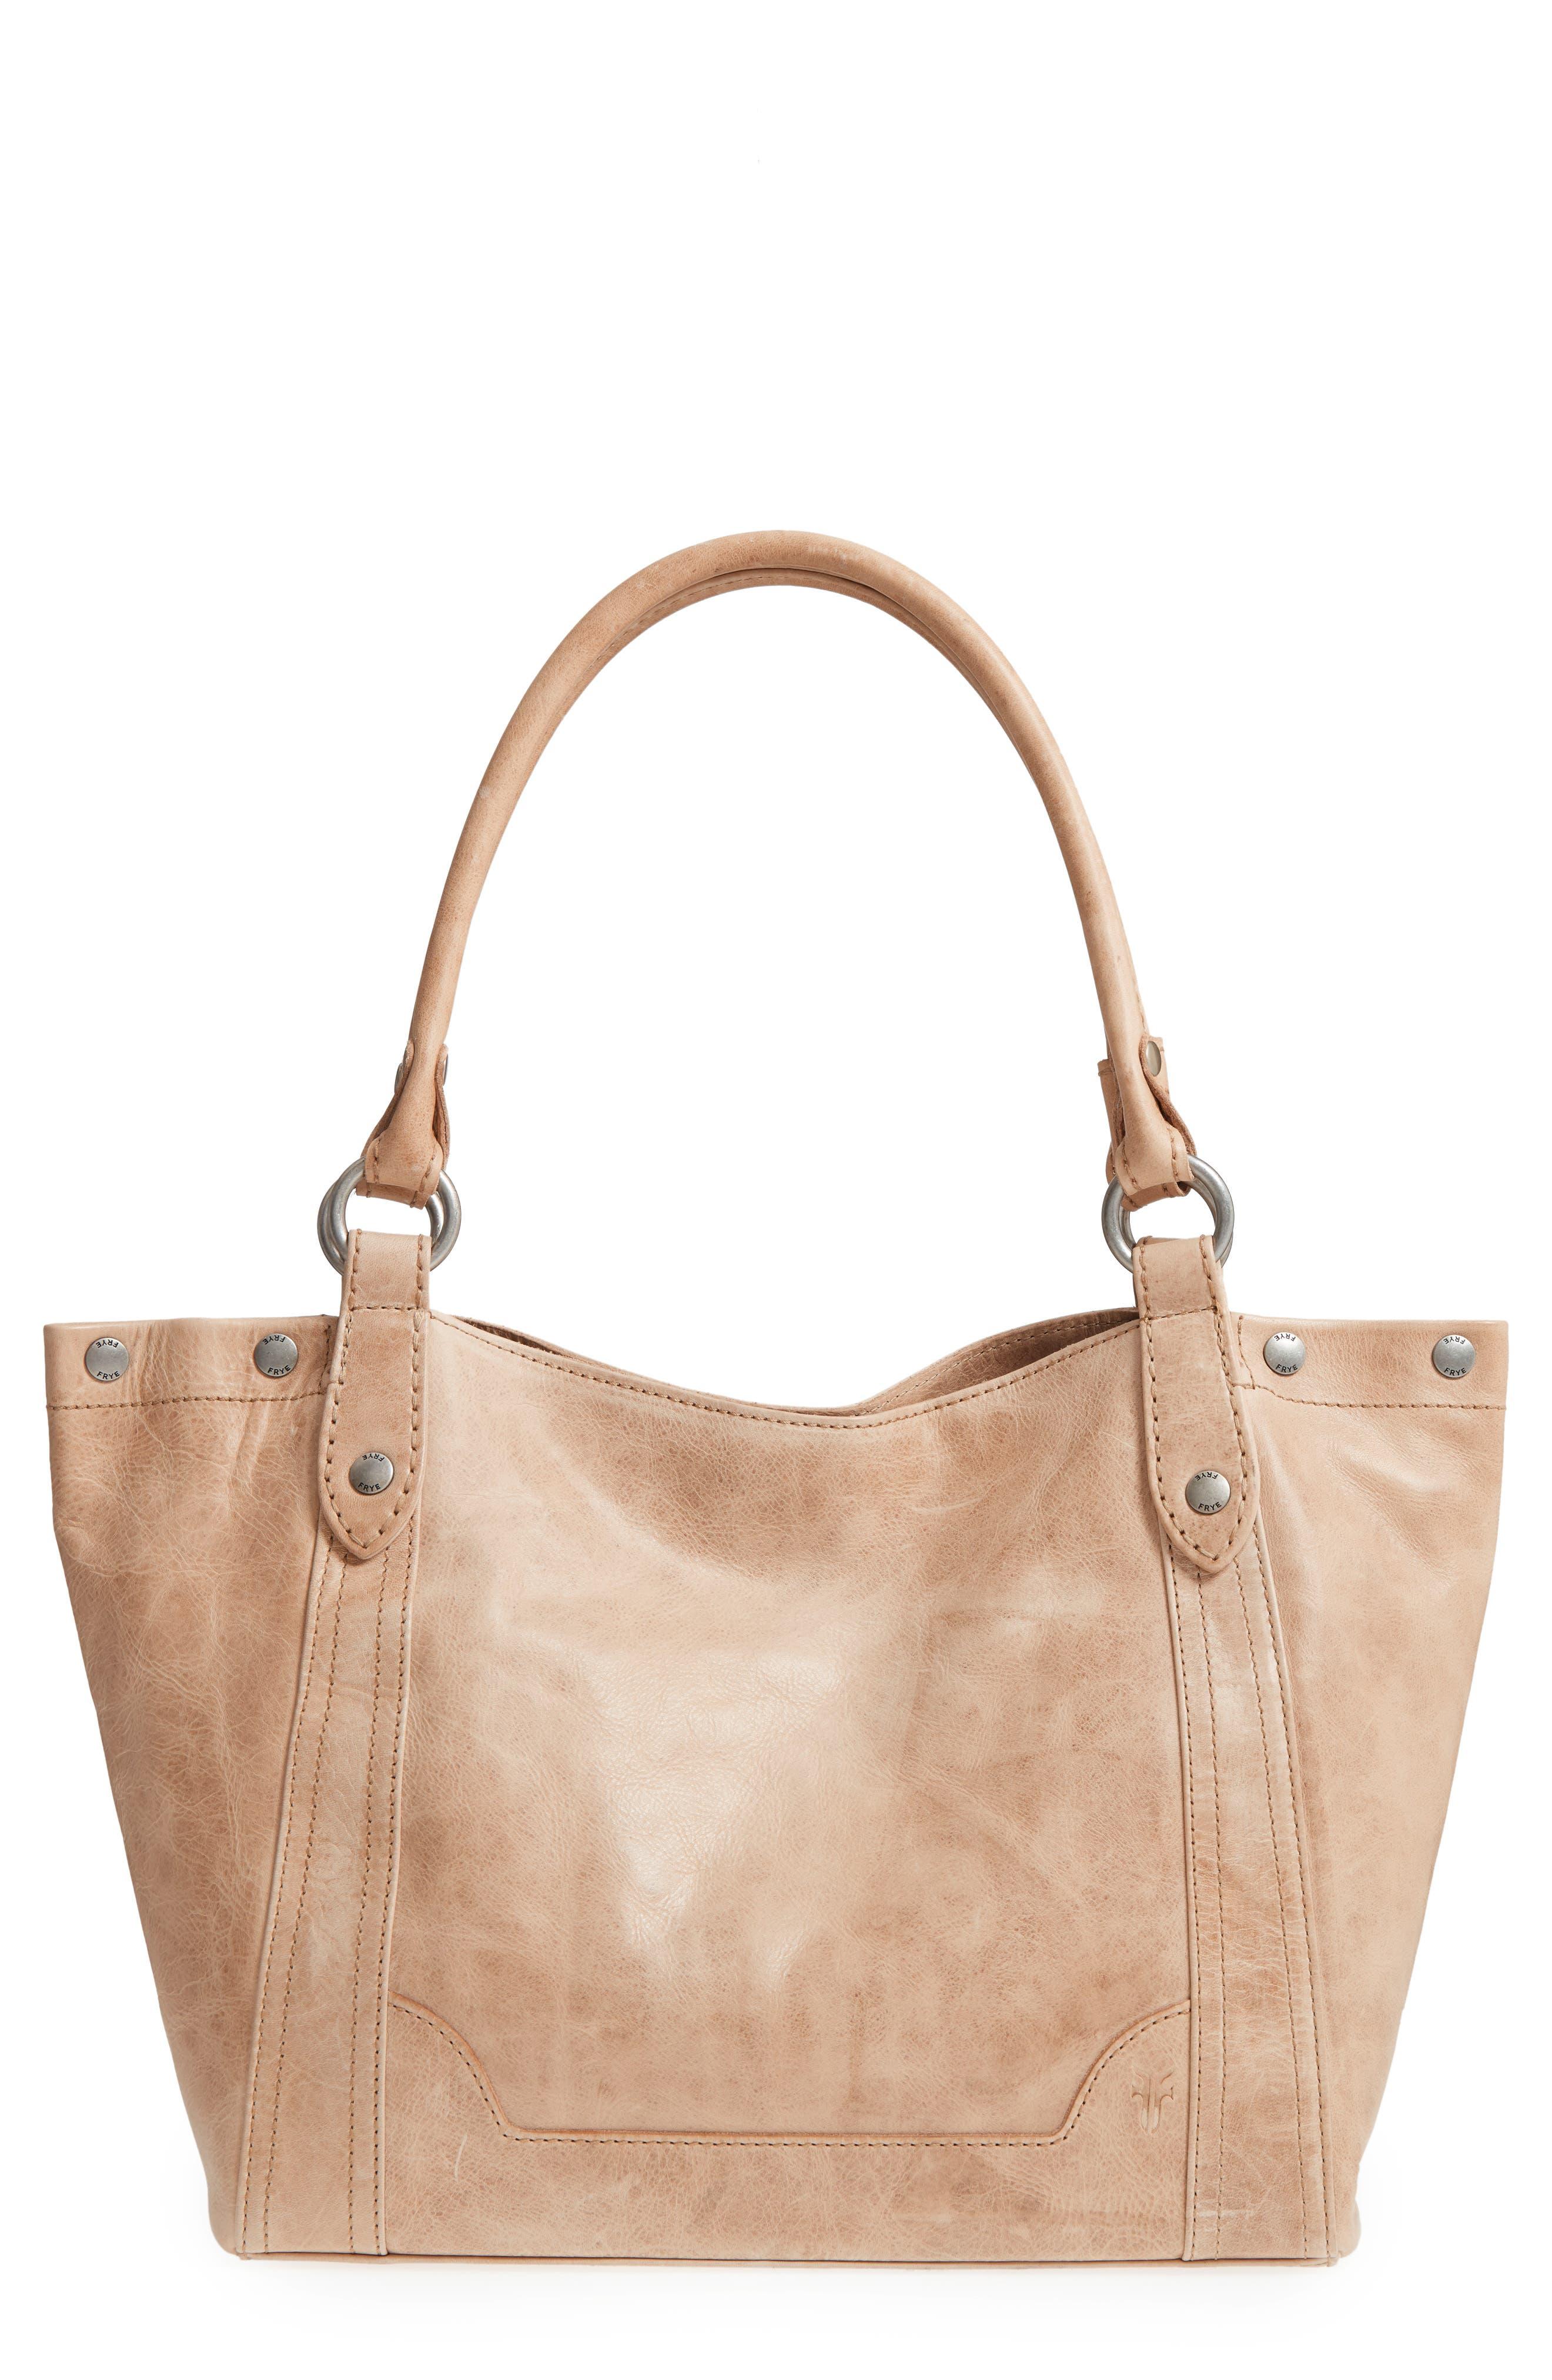 Alternate Image 1 Selected - Frye Melissa Leather Shoulder Bag